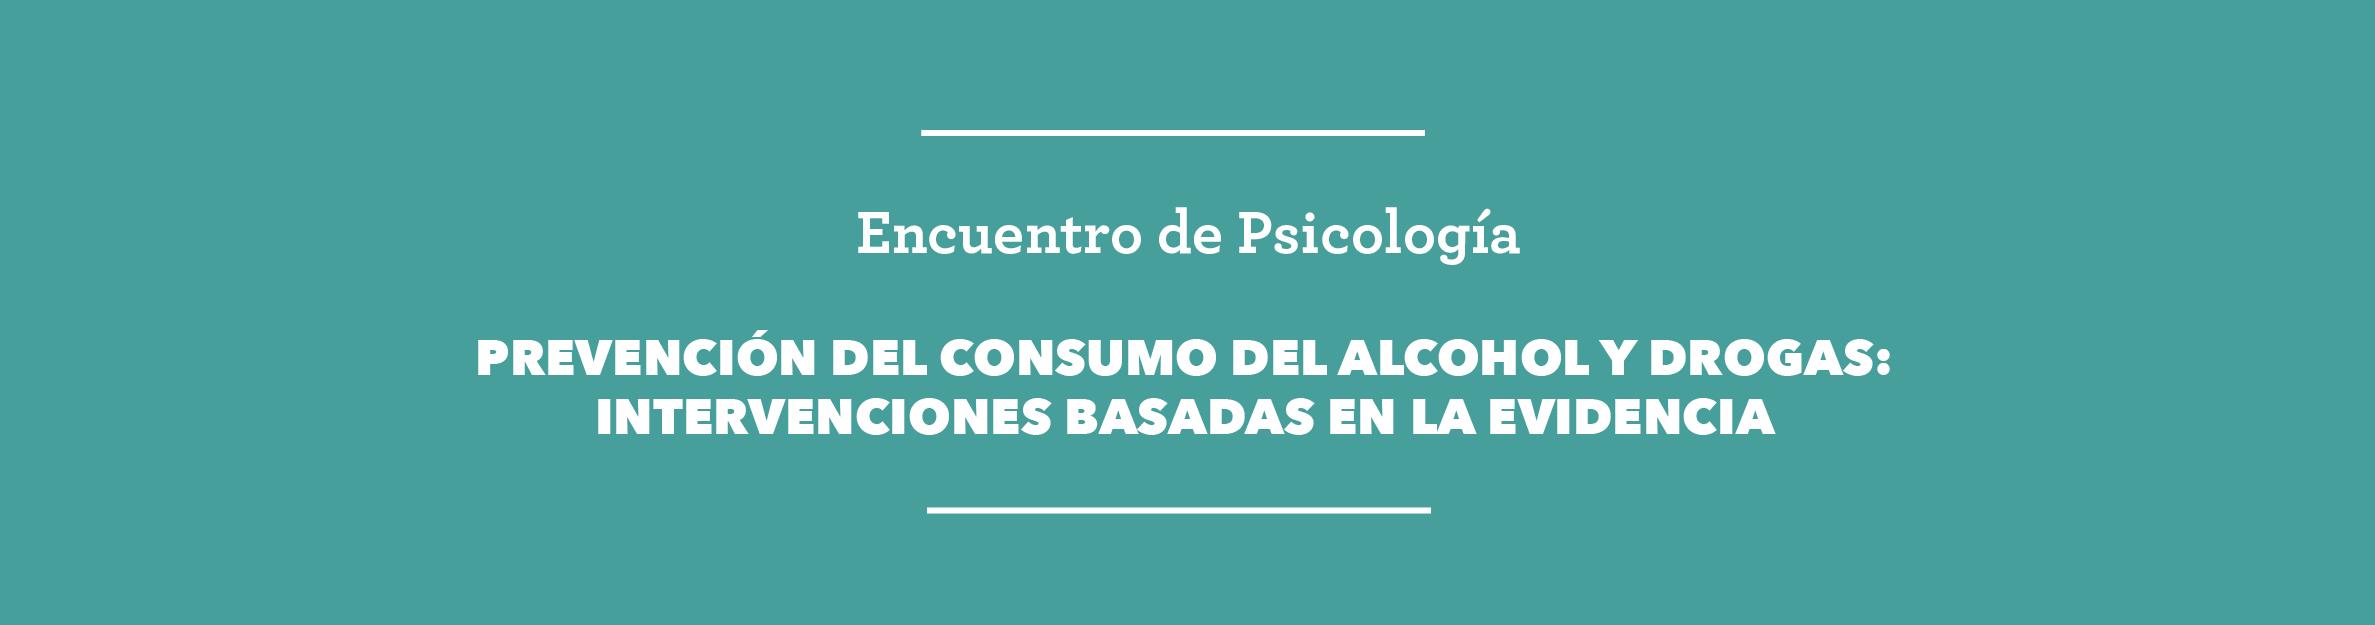 Encuentropsicologia